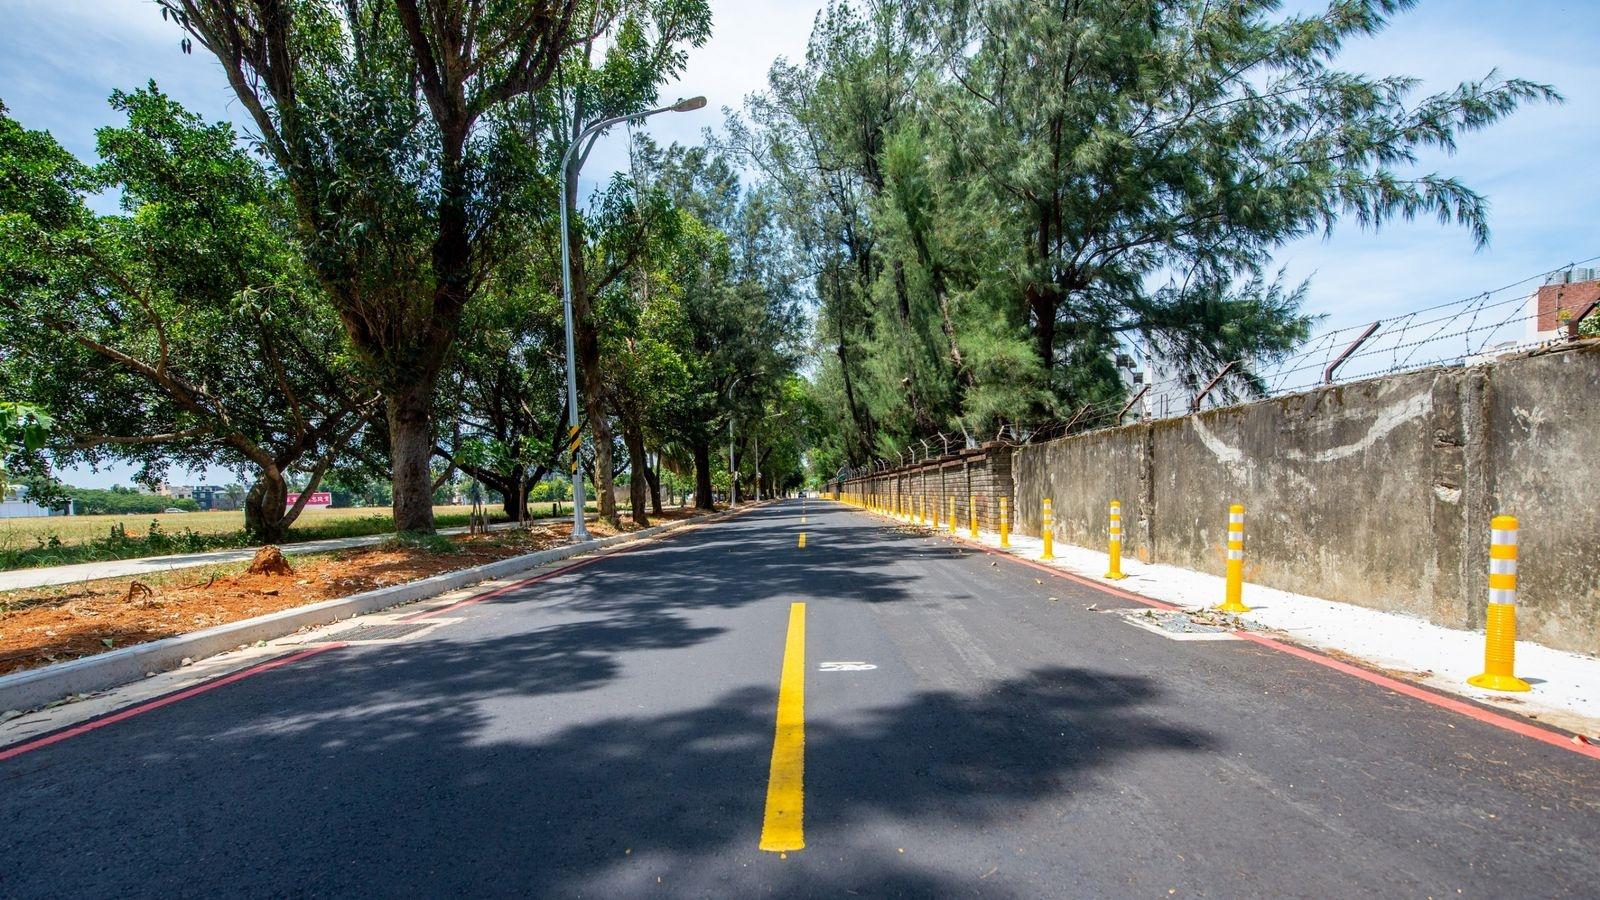 桃園「開瓶計畫」工程辦理加寬路肩、增設路燈並完善排水系統。圖/桃園市政府提供